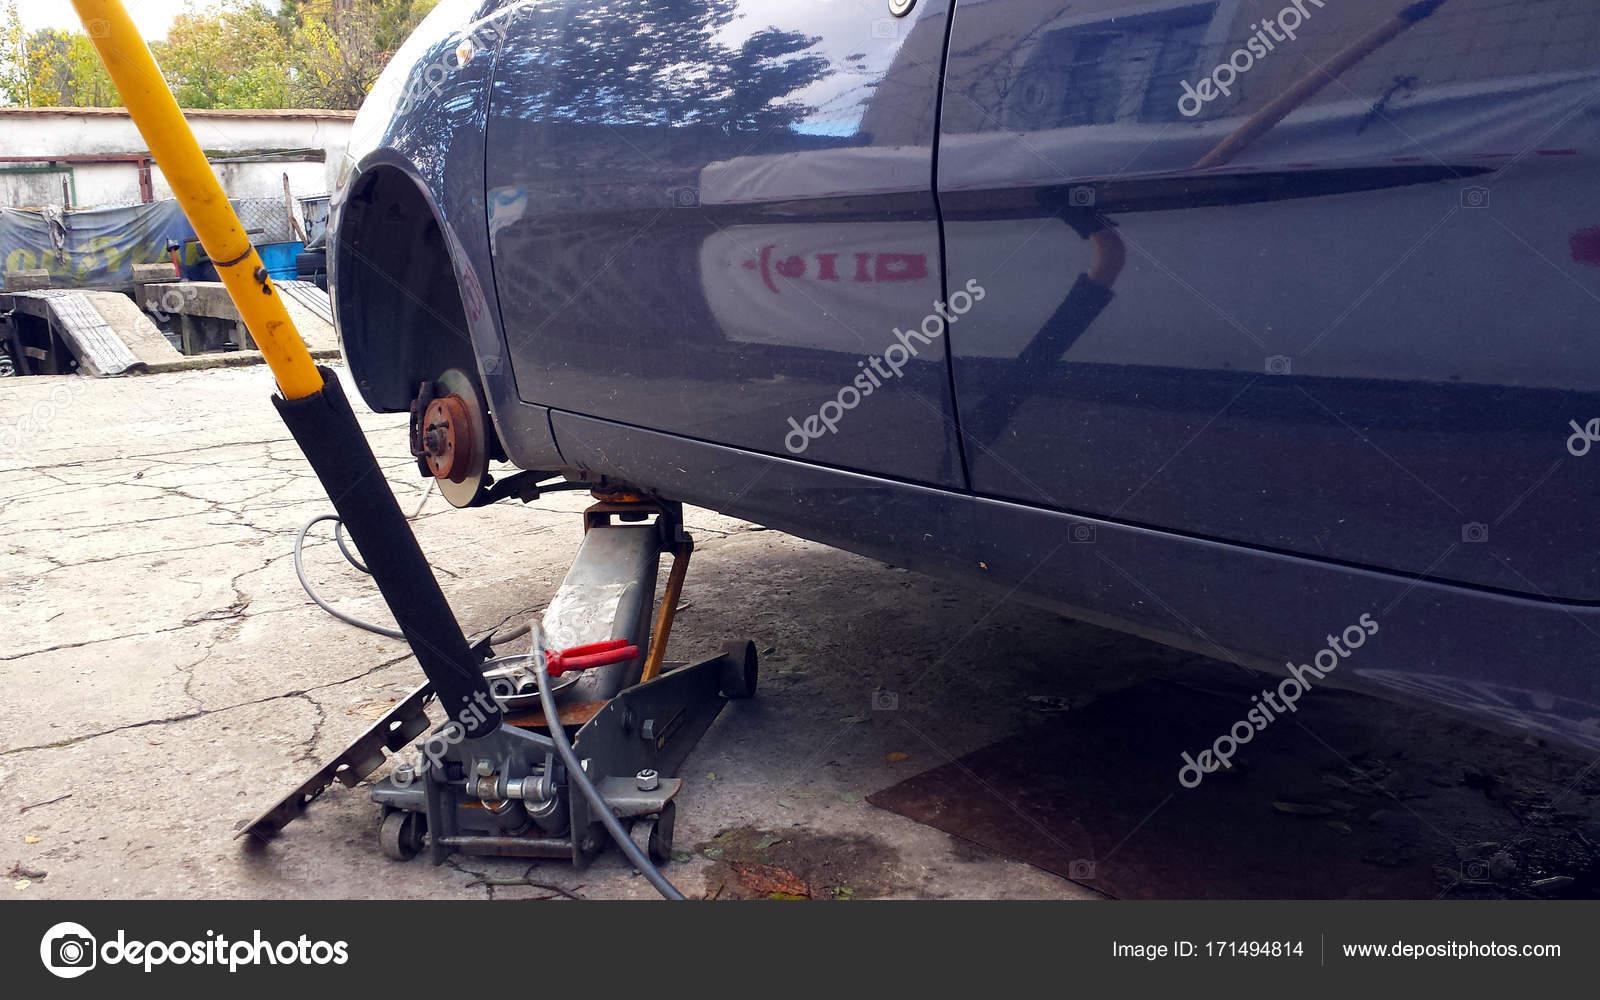 Zeit Zum Reifen Wechseln Stockfoto C Abrada 171494814